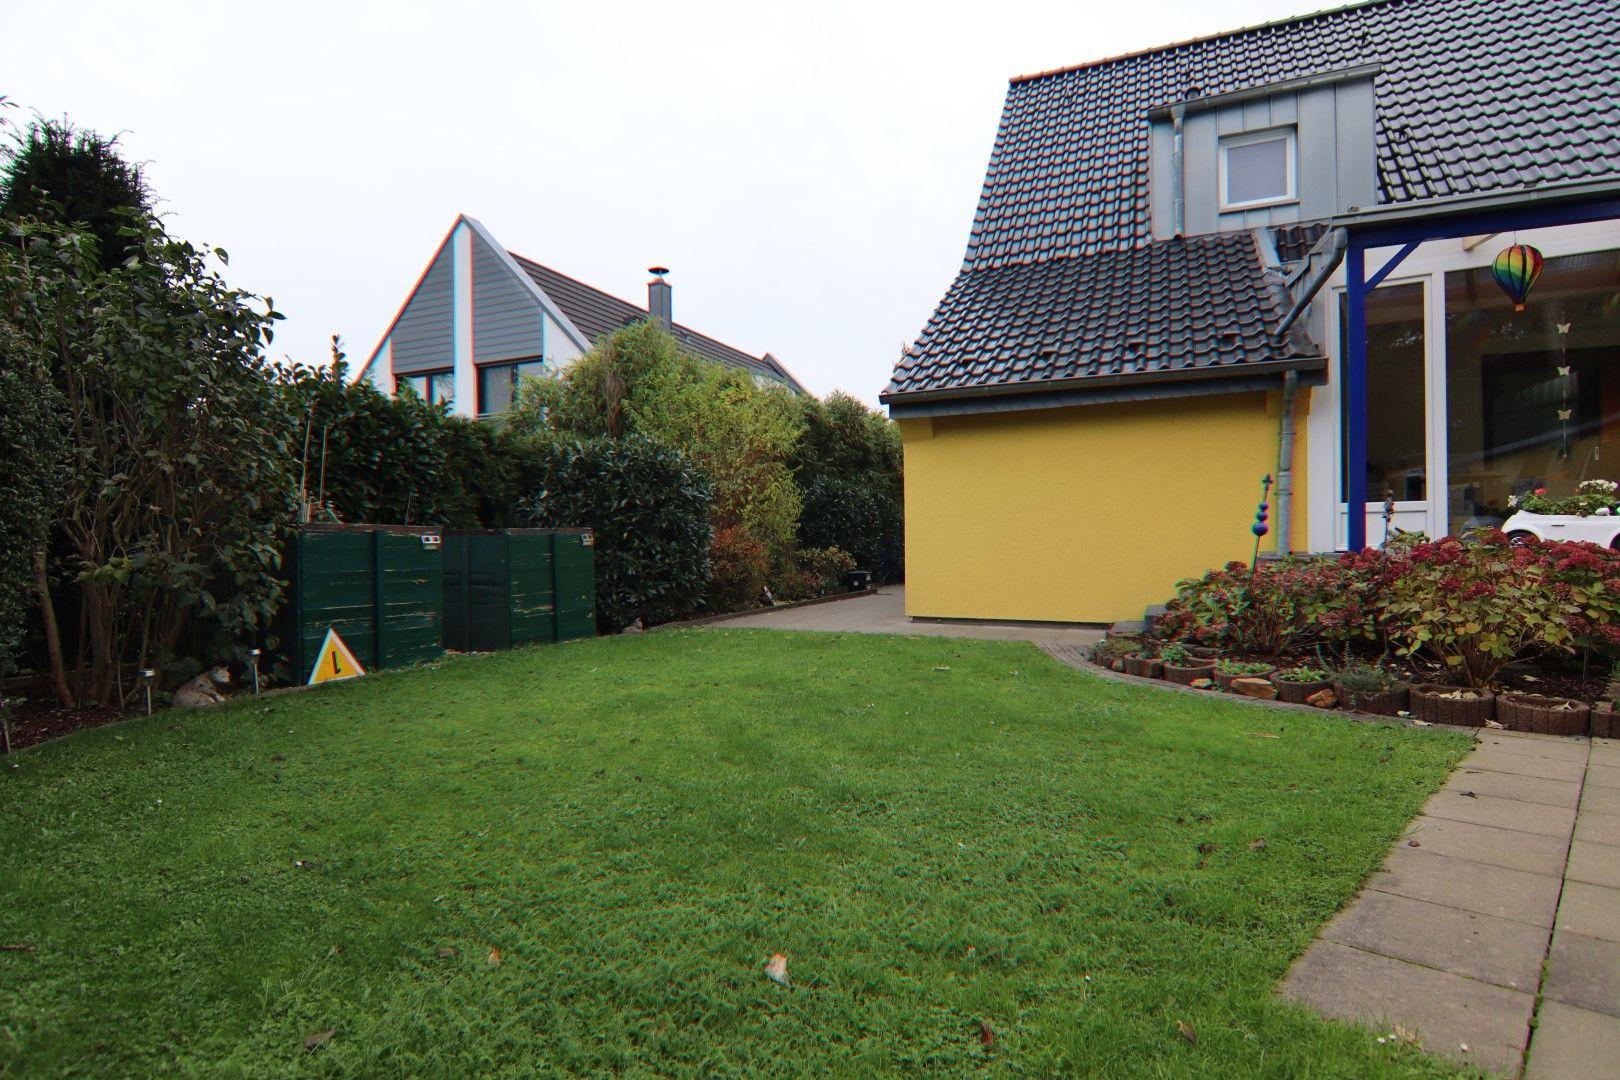 Immobilie Nr.0281 - Freistehendes EFH mit Vollkeller, Wintergarten u. Garage  - Bild 4.jpg